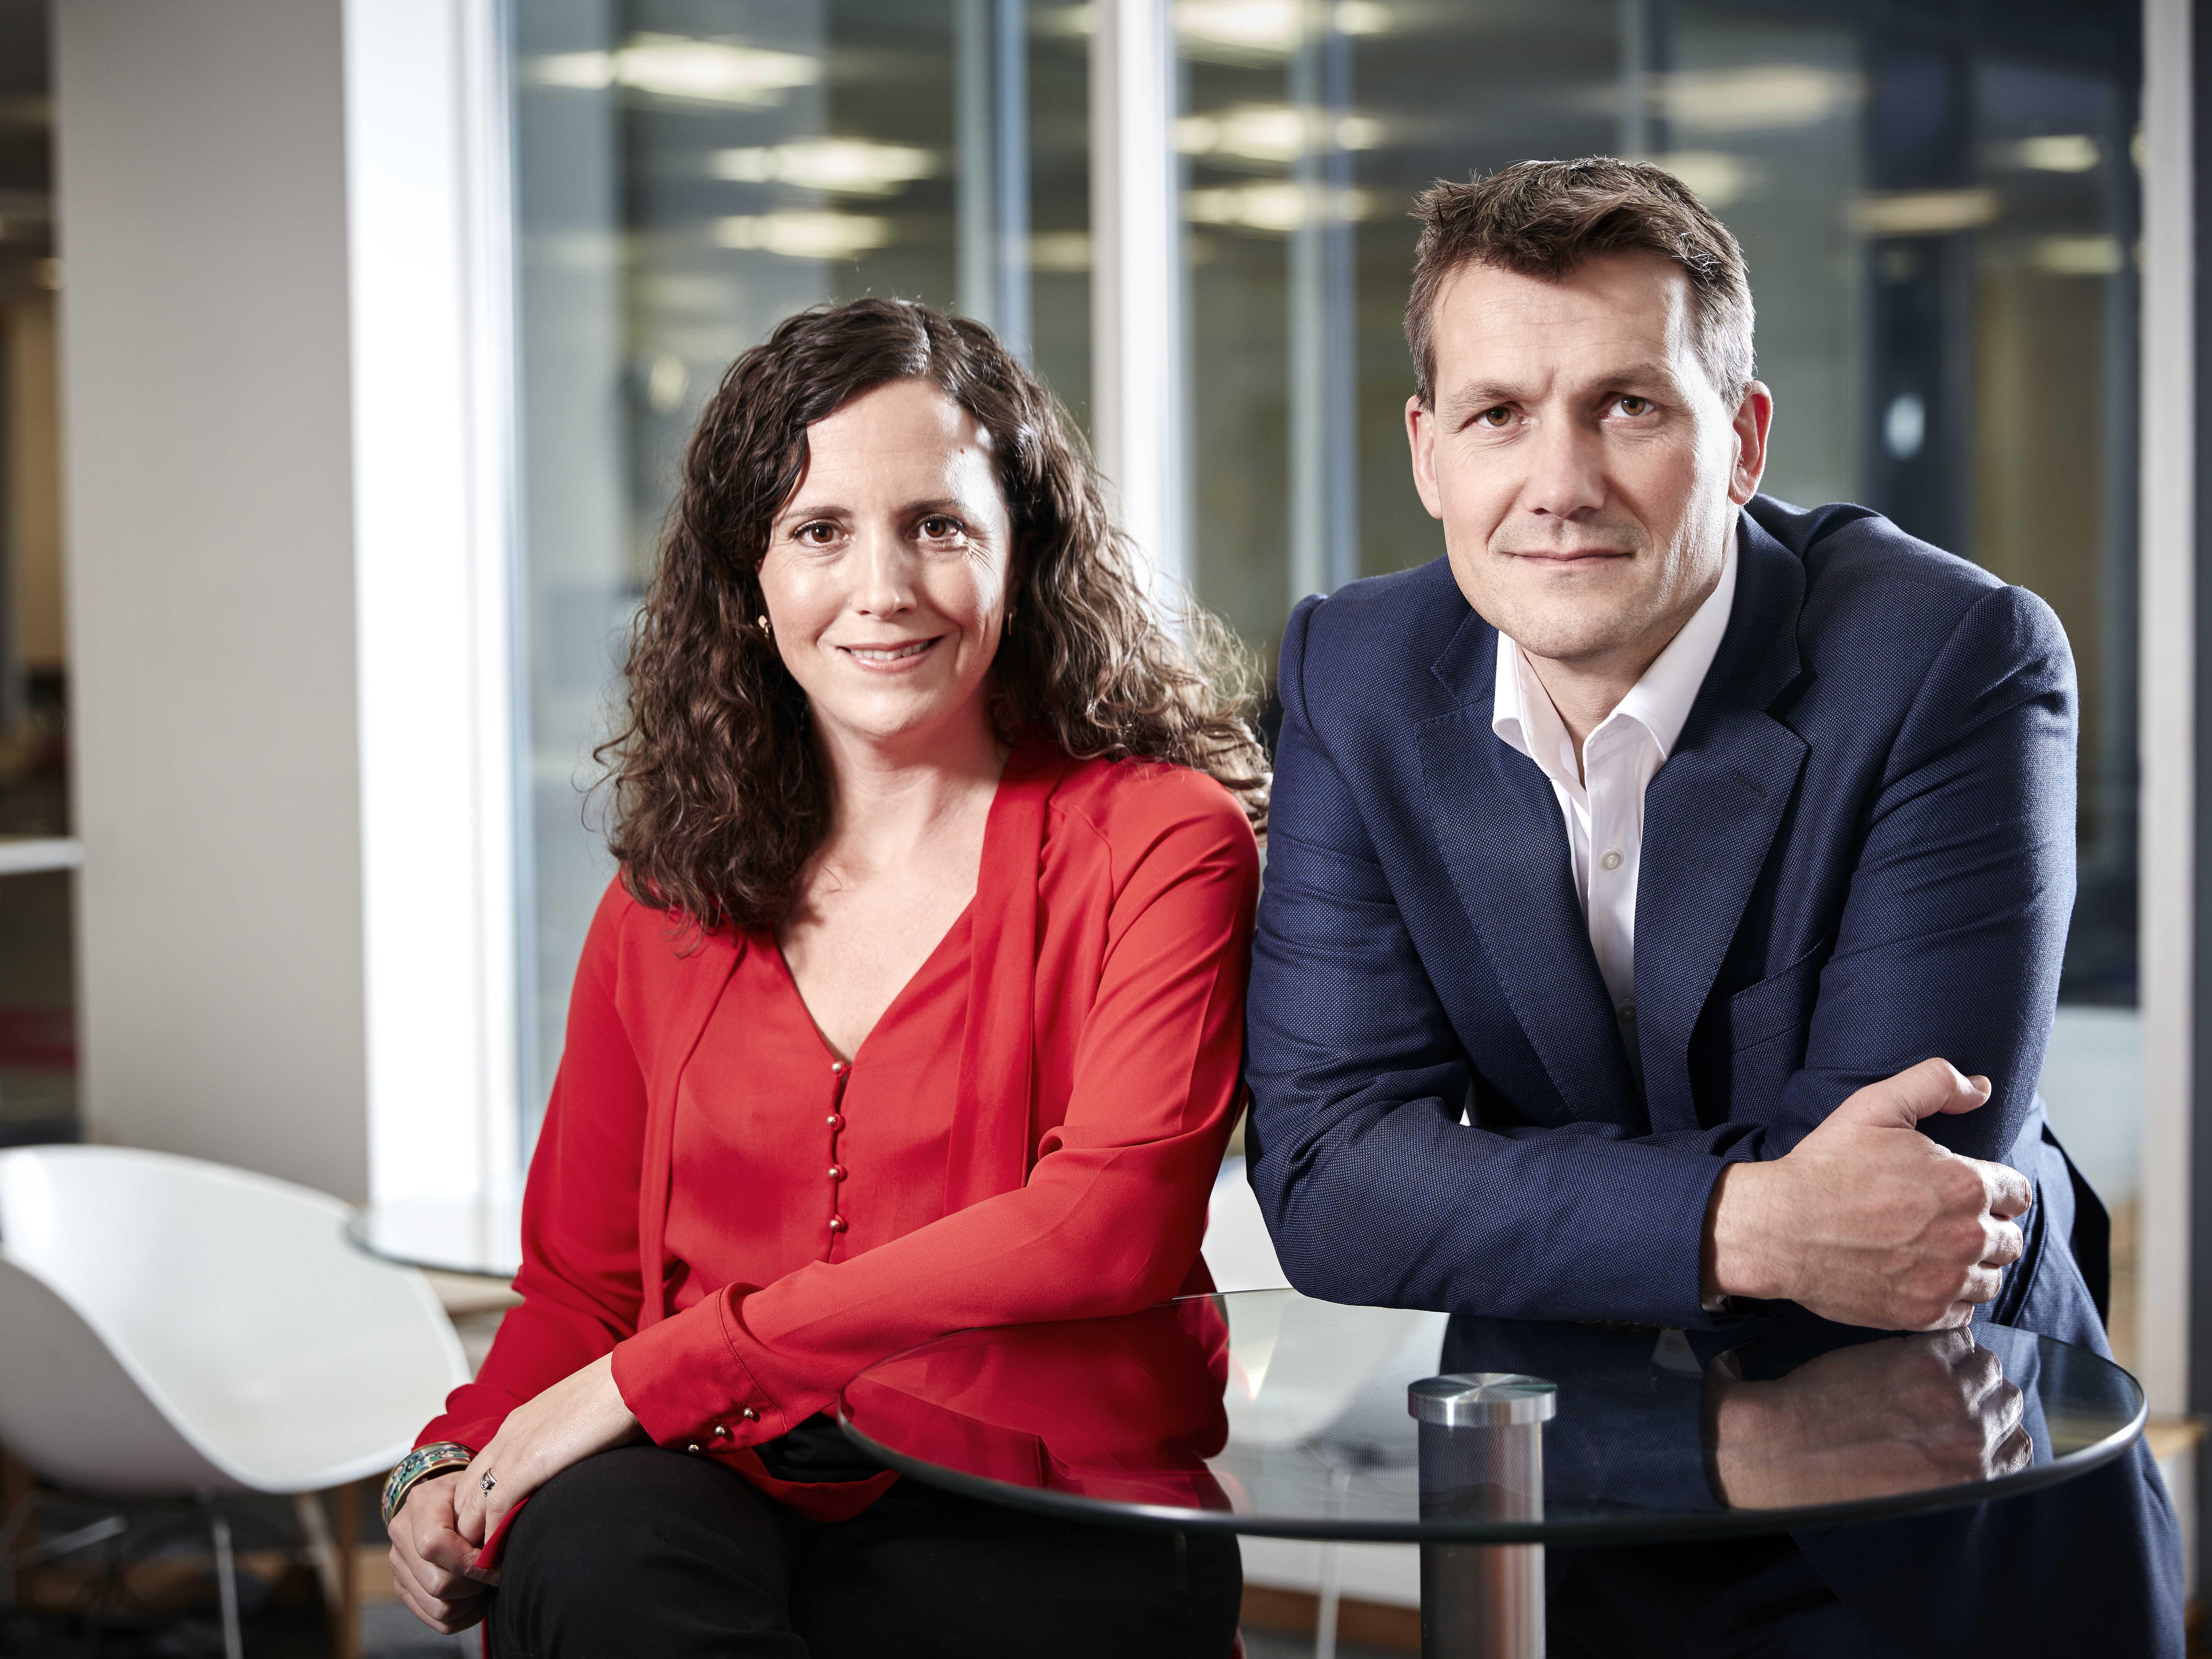 Adam & Carol in the office 300dpi